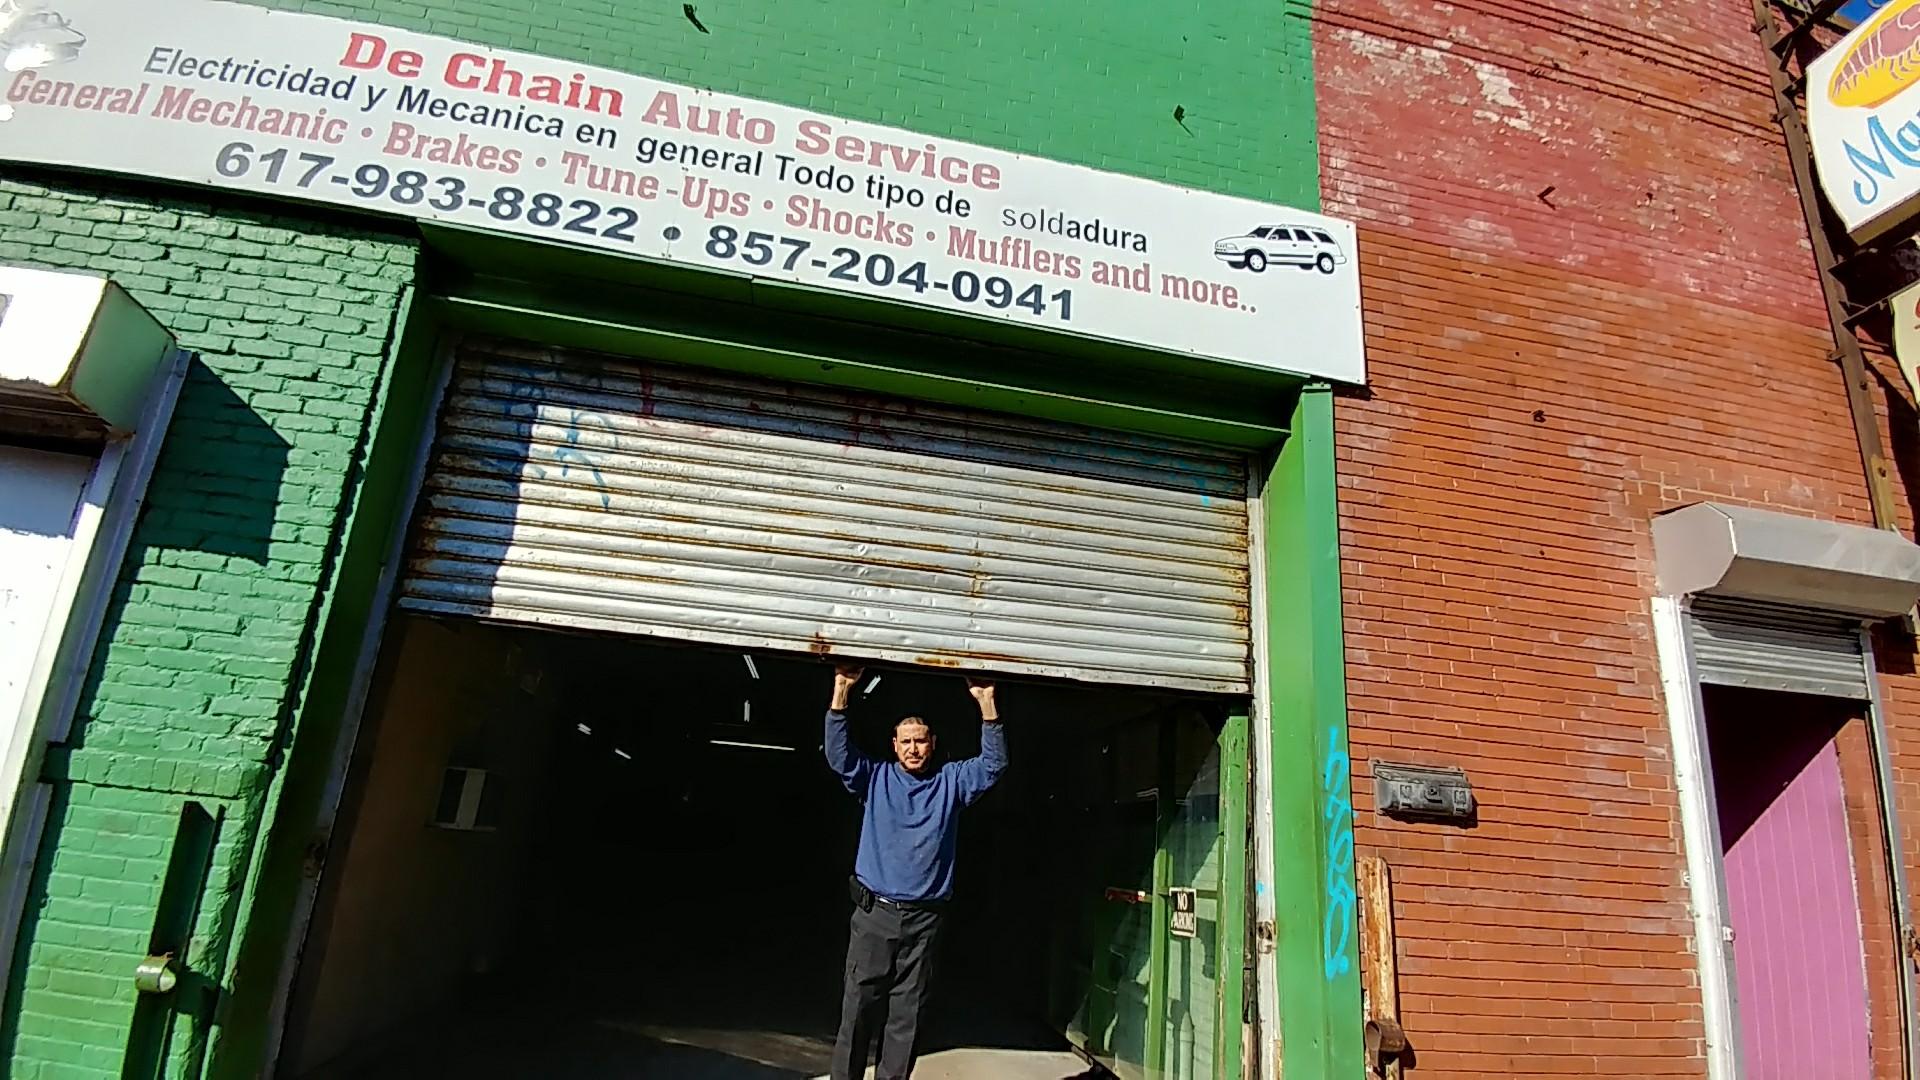 De Chain auto service